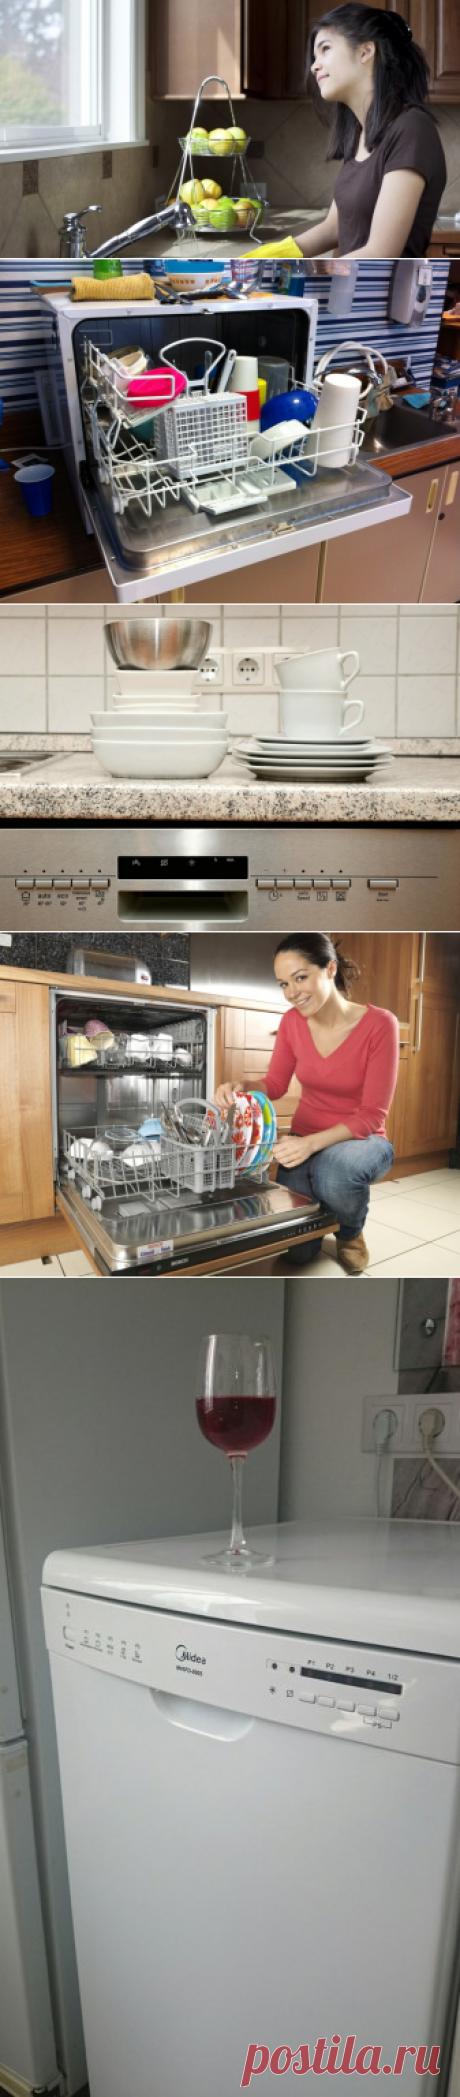 Зачем нужна посудомоечная машина? | Дом и семья